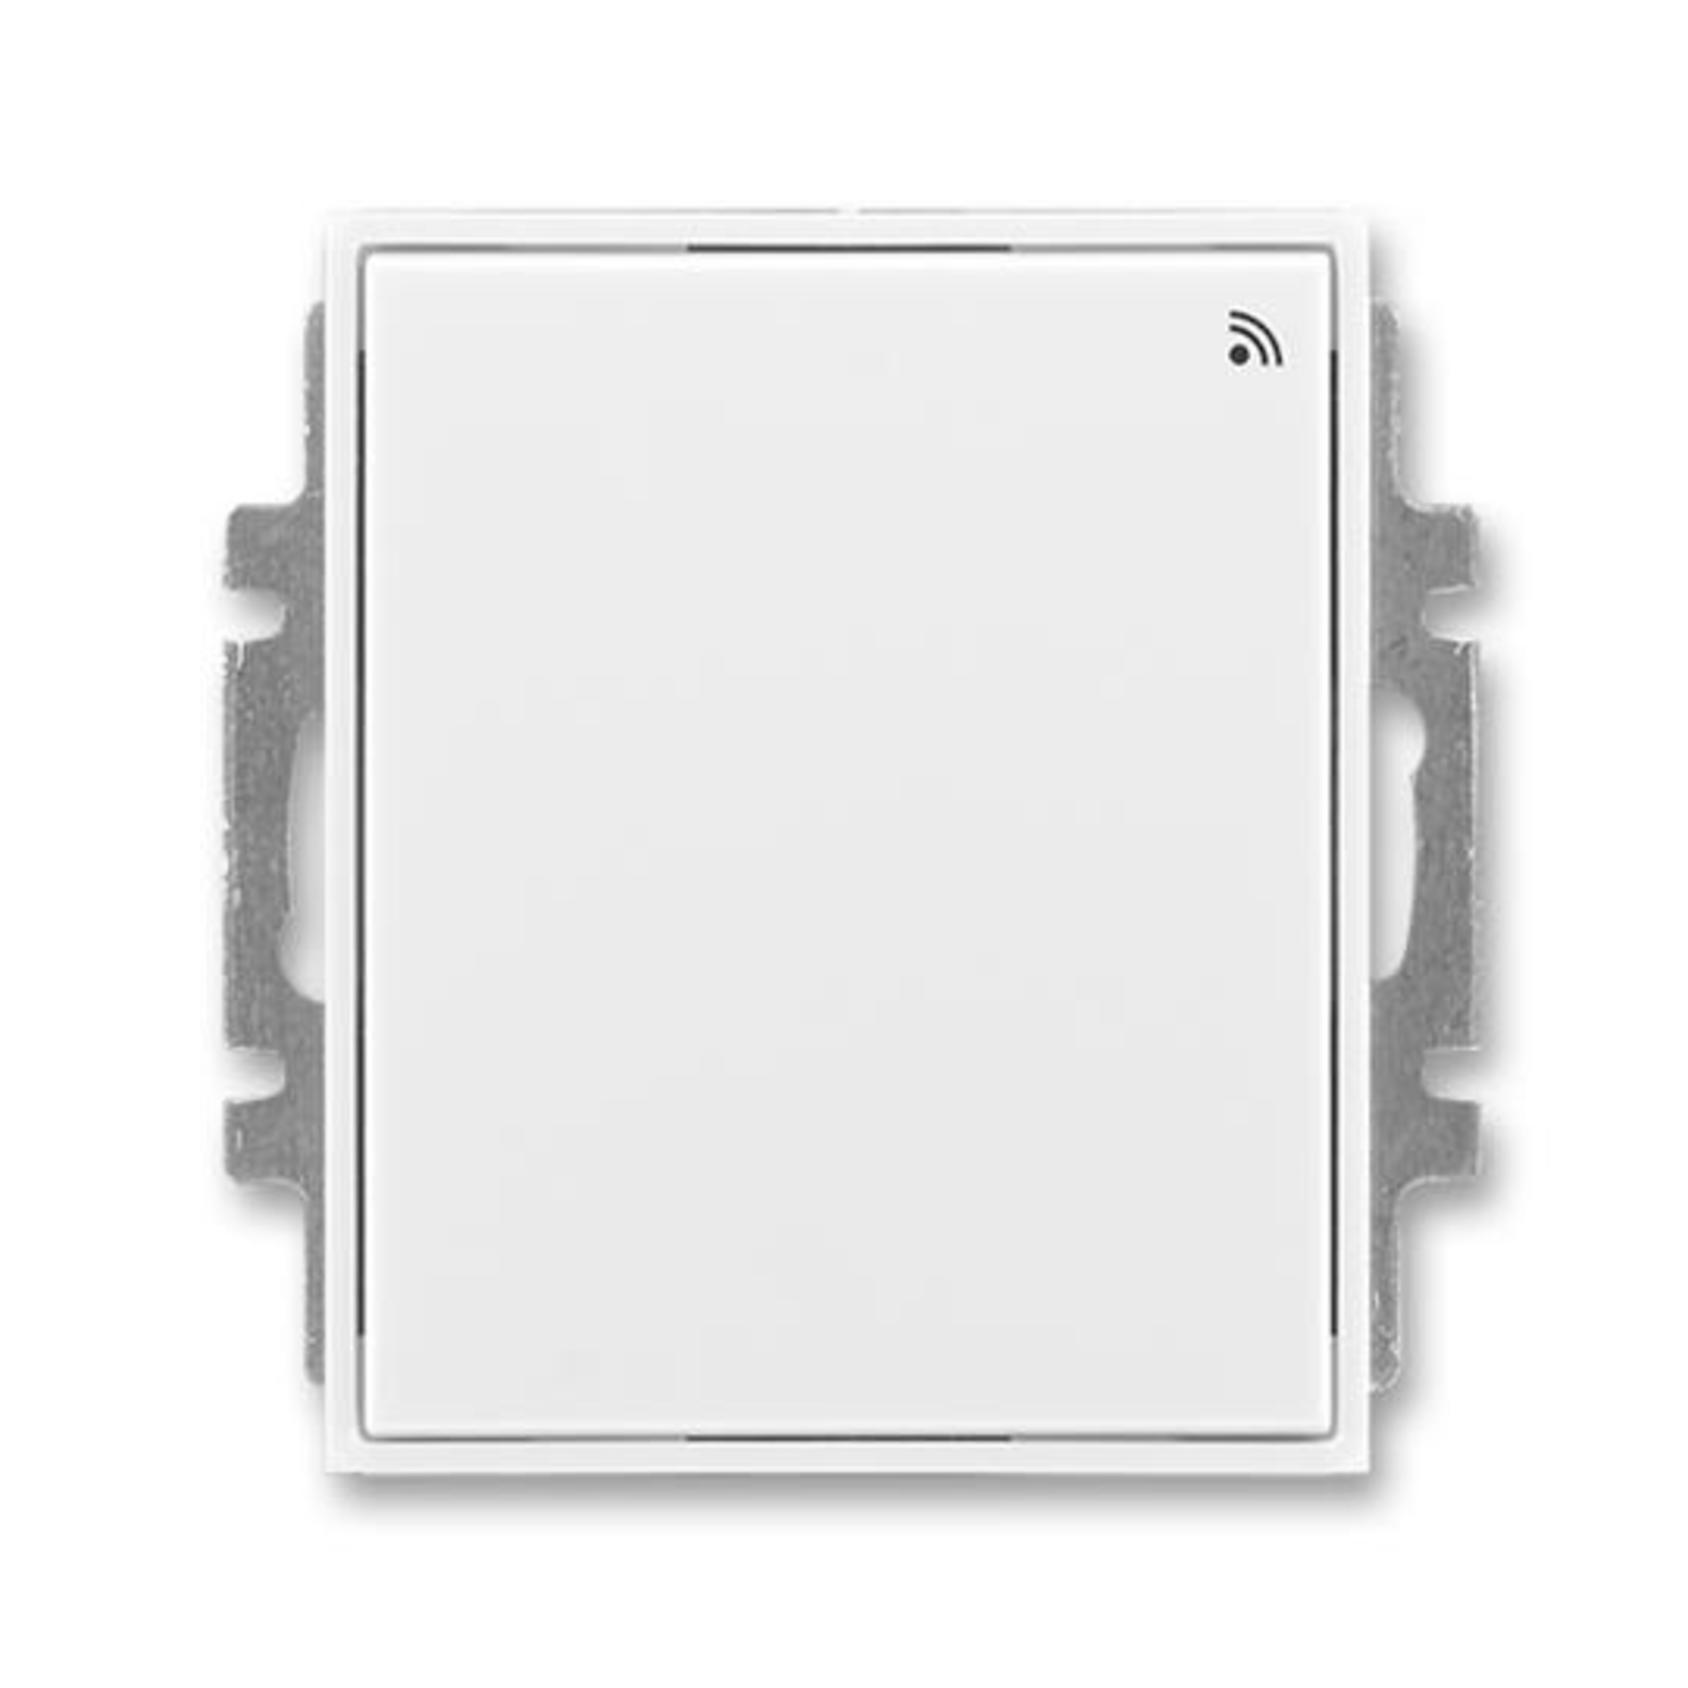 ABB 3299E-A23108 03 Element Spínač s krátkocestným ovladačem, s přijímačem RF signálu, 868 MHz